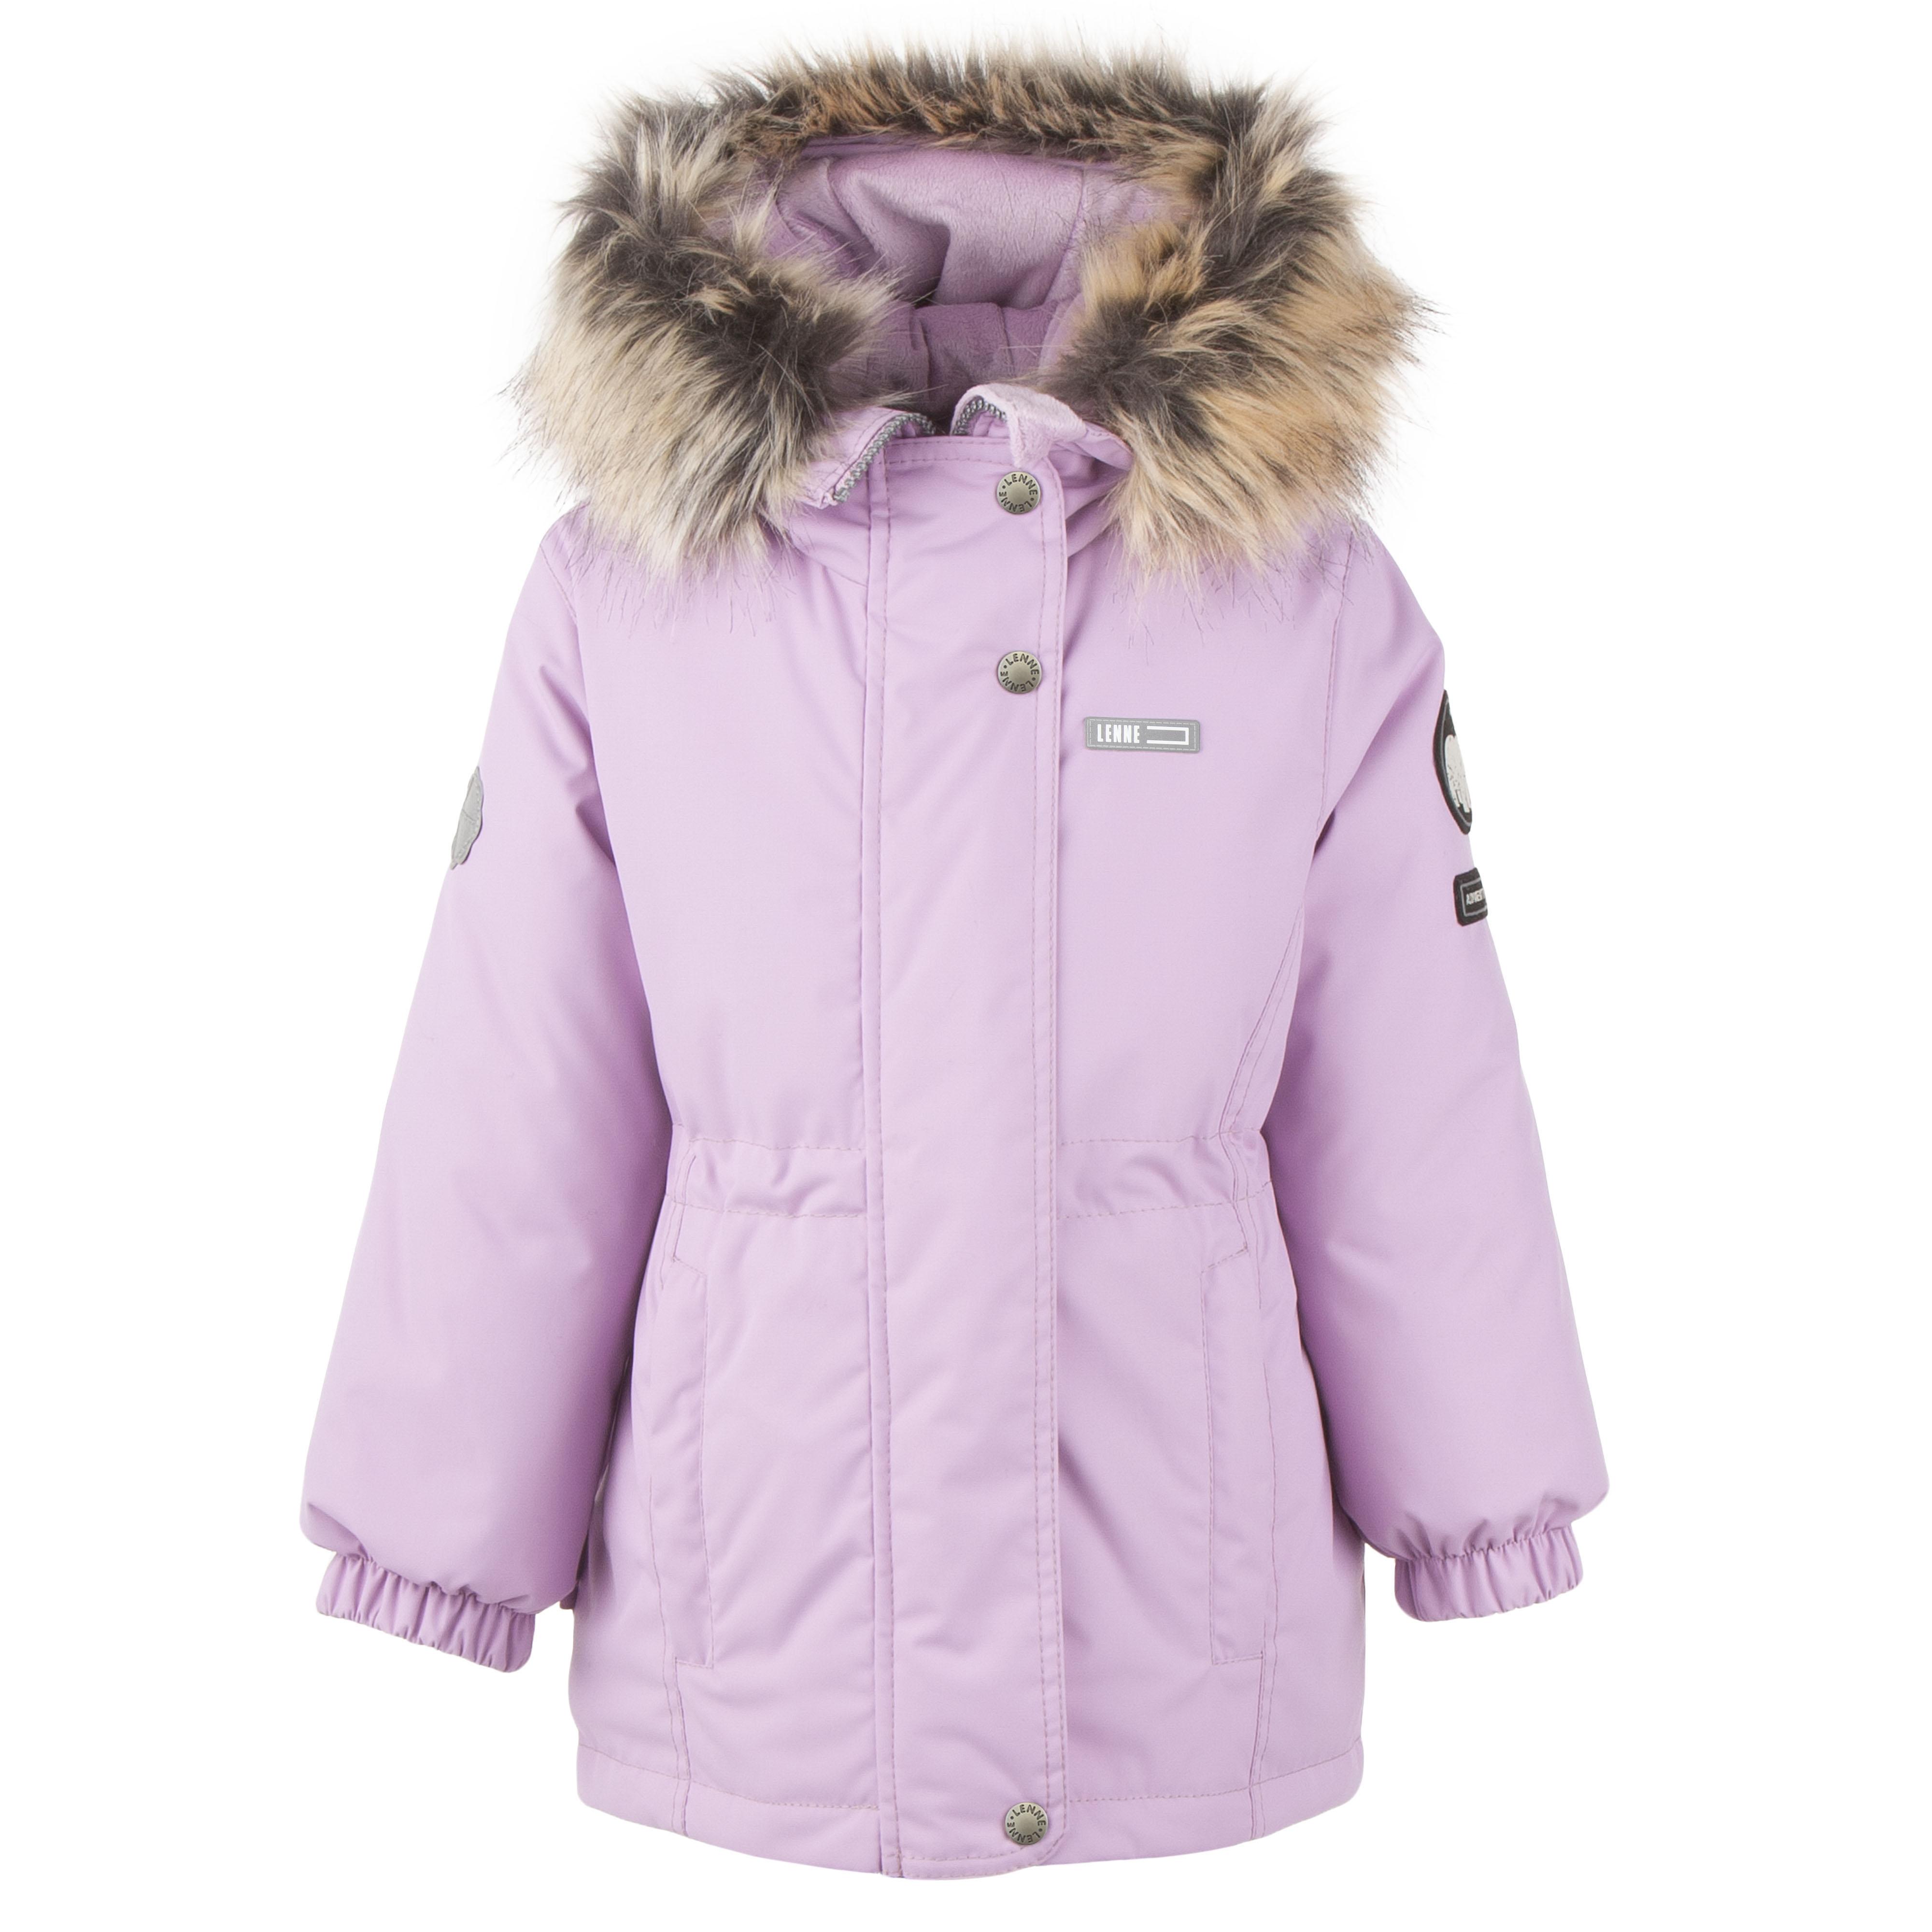 Lenne Maya удлиненная куртка парка для девочки 20330-122 нежно-розовая